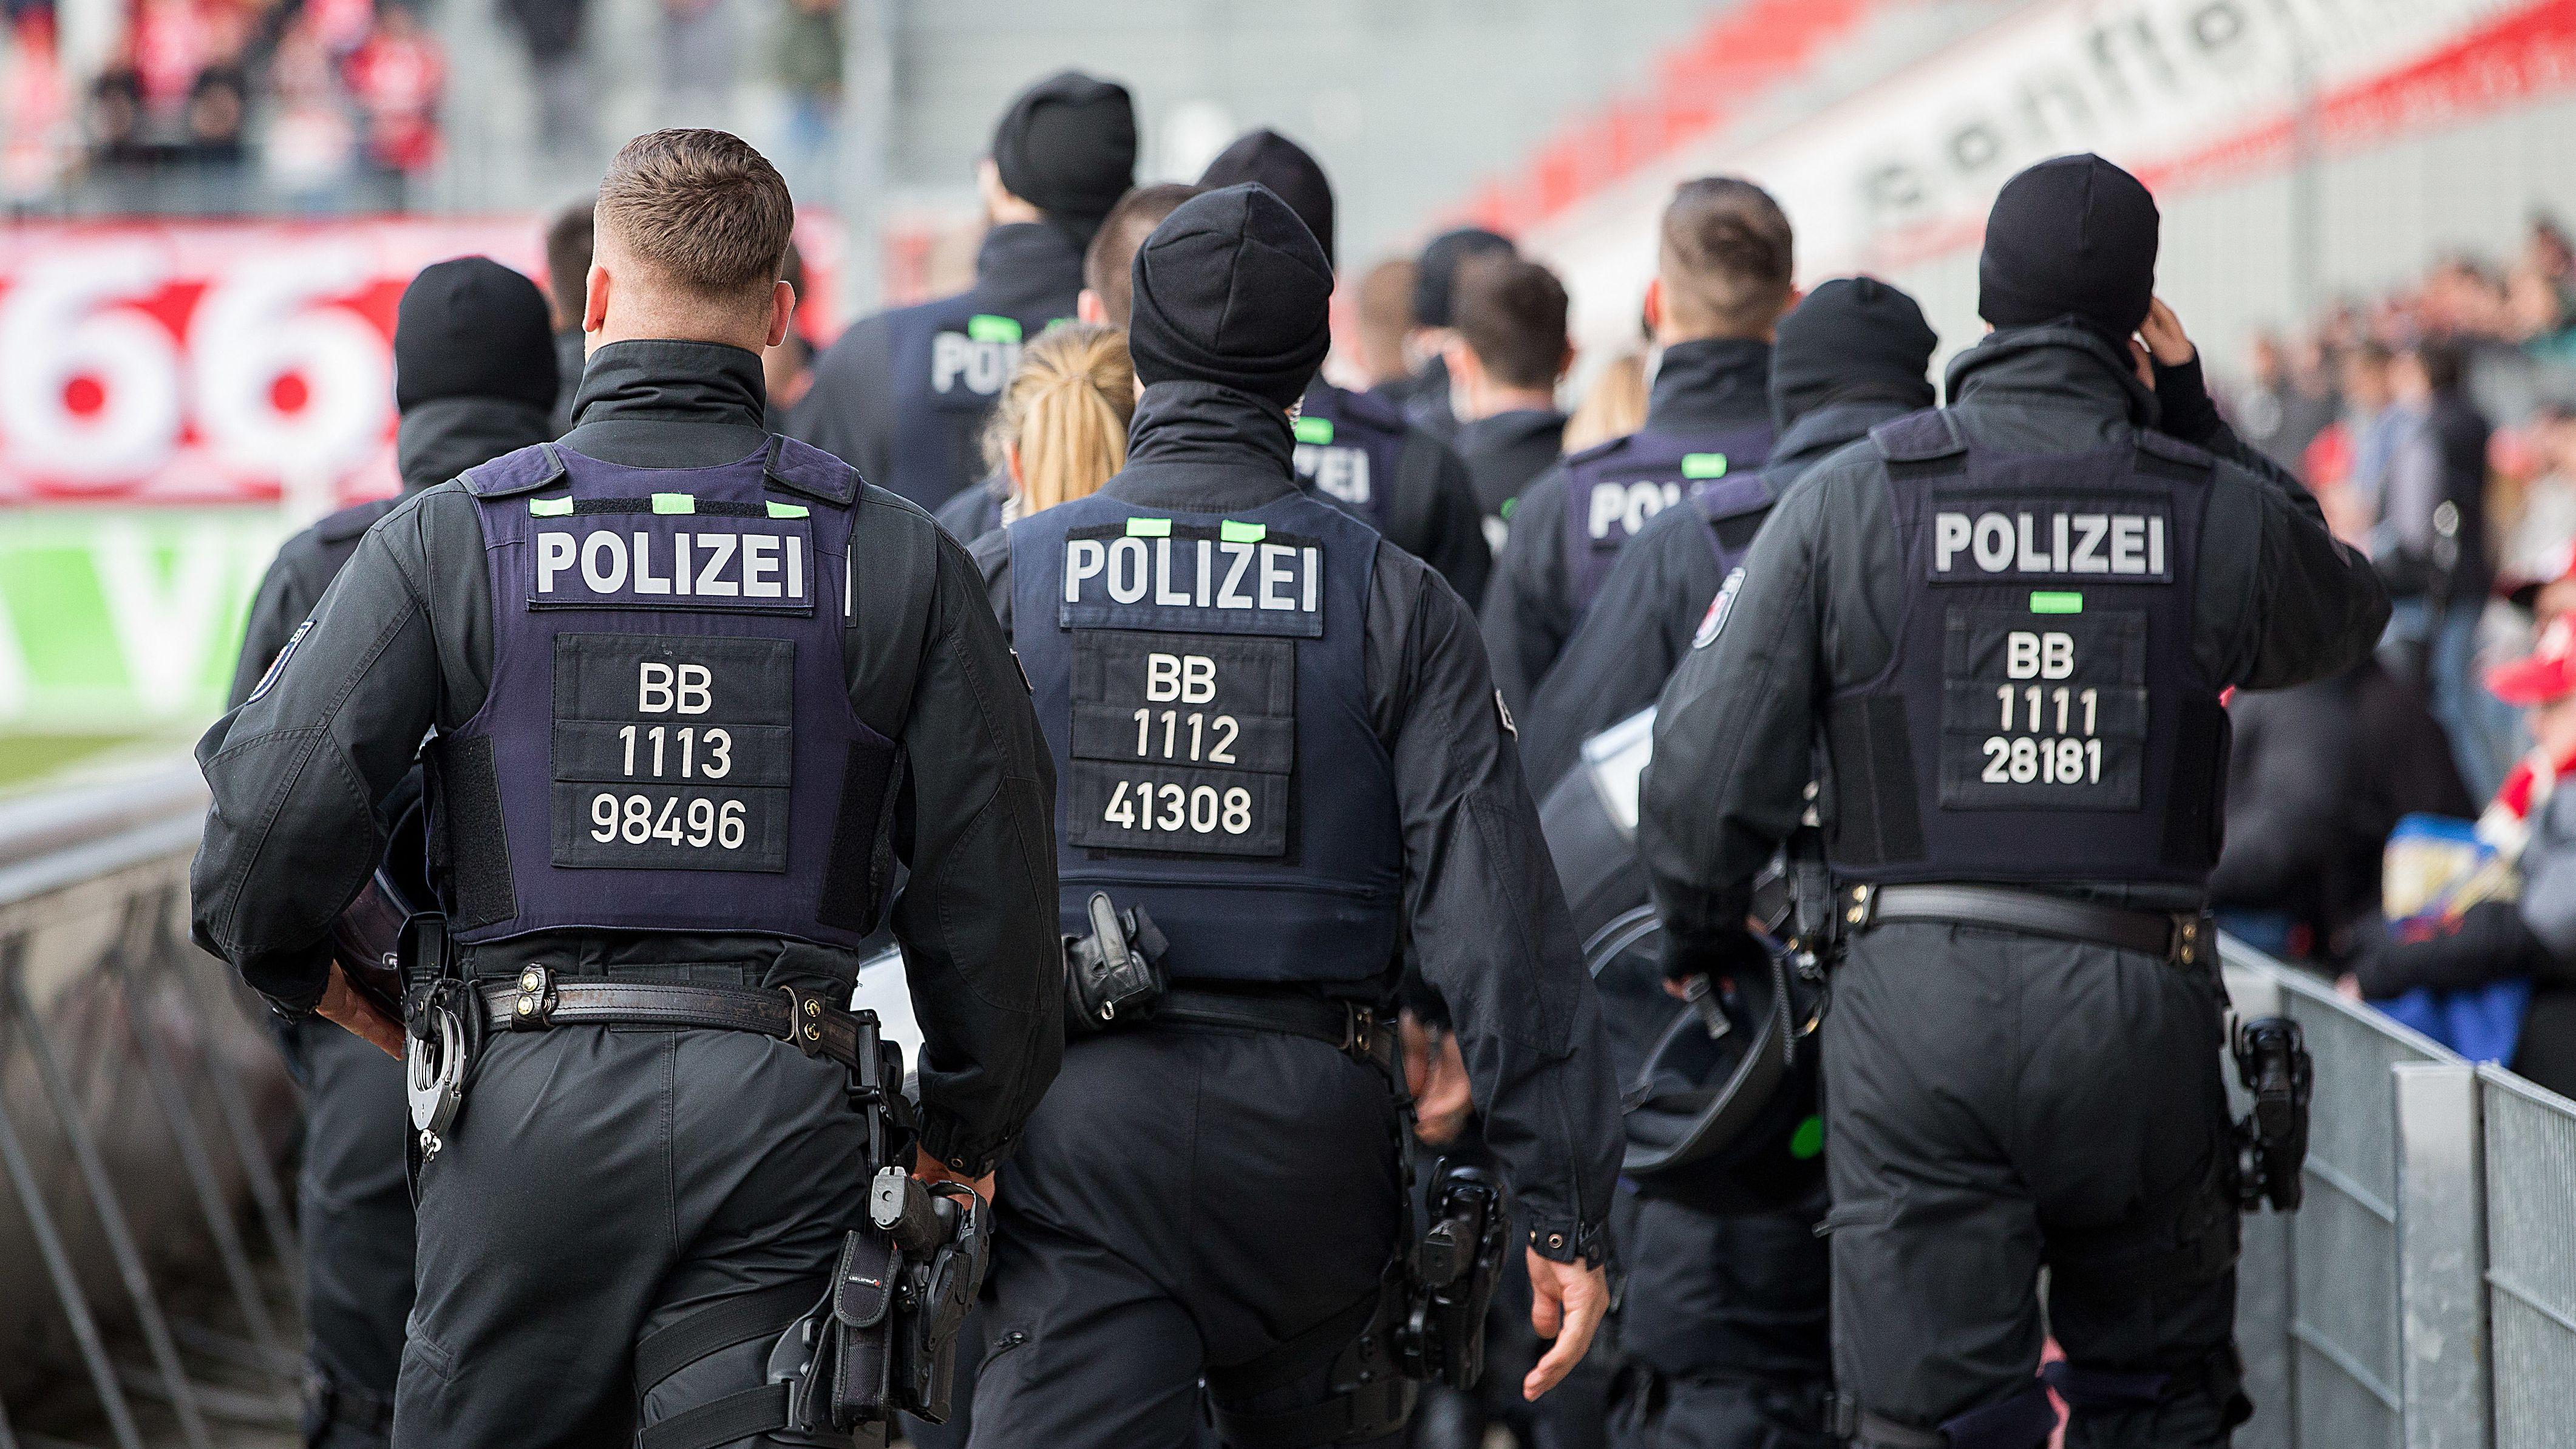 Polizisten bei einem Spiel des TSV 1860 München in Cottbus